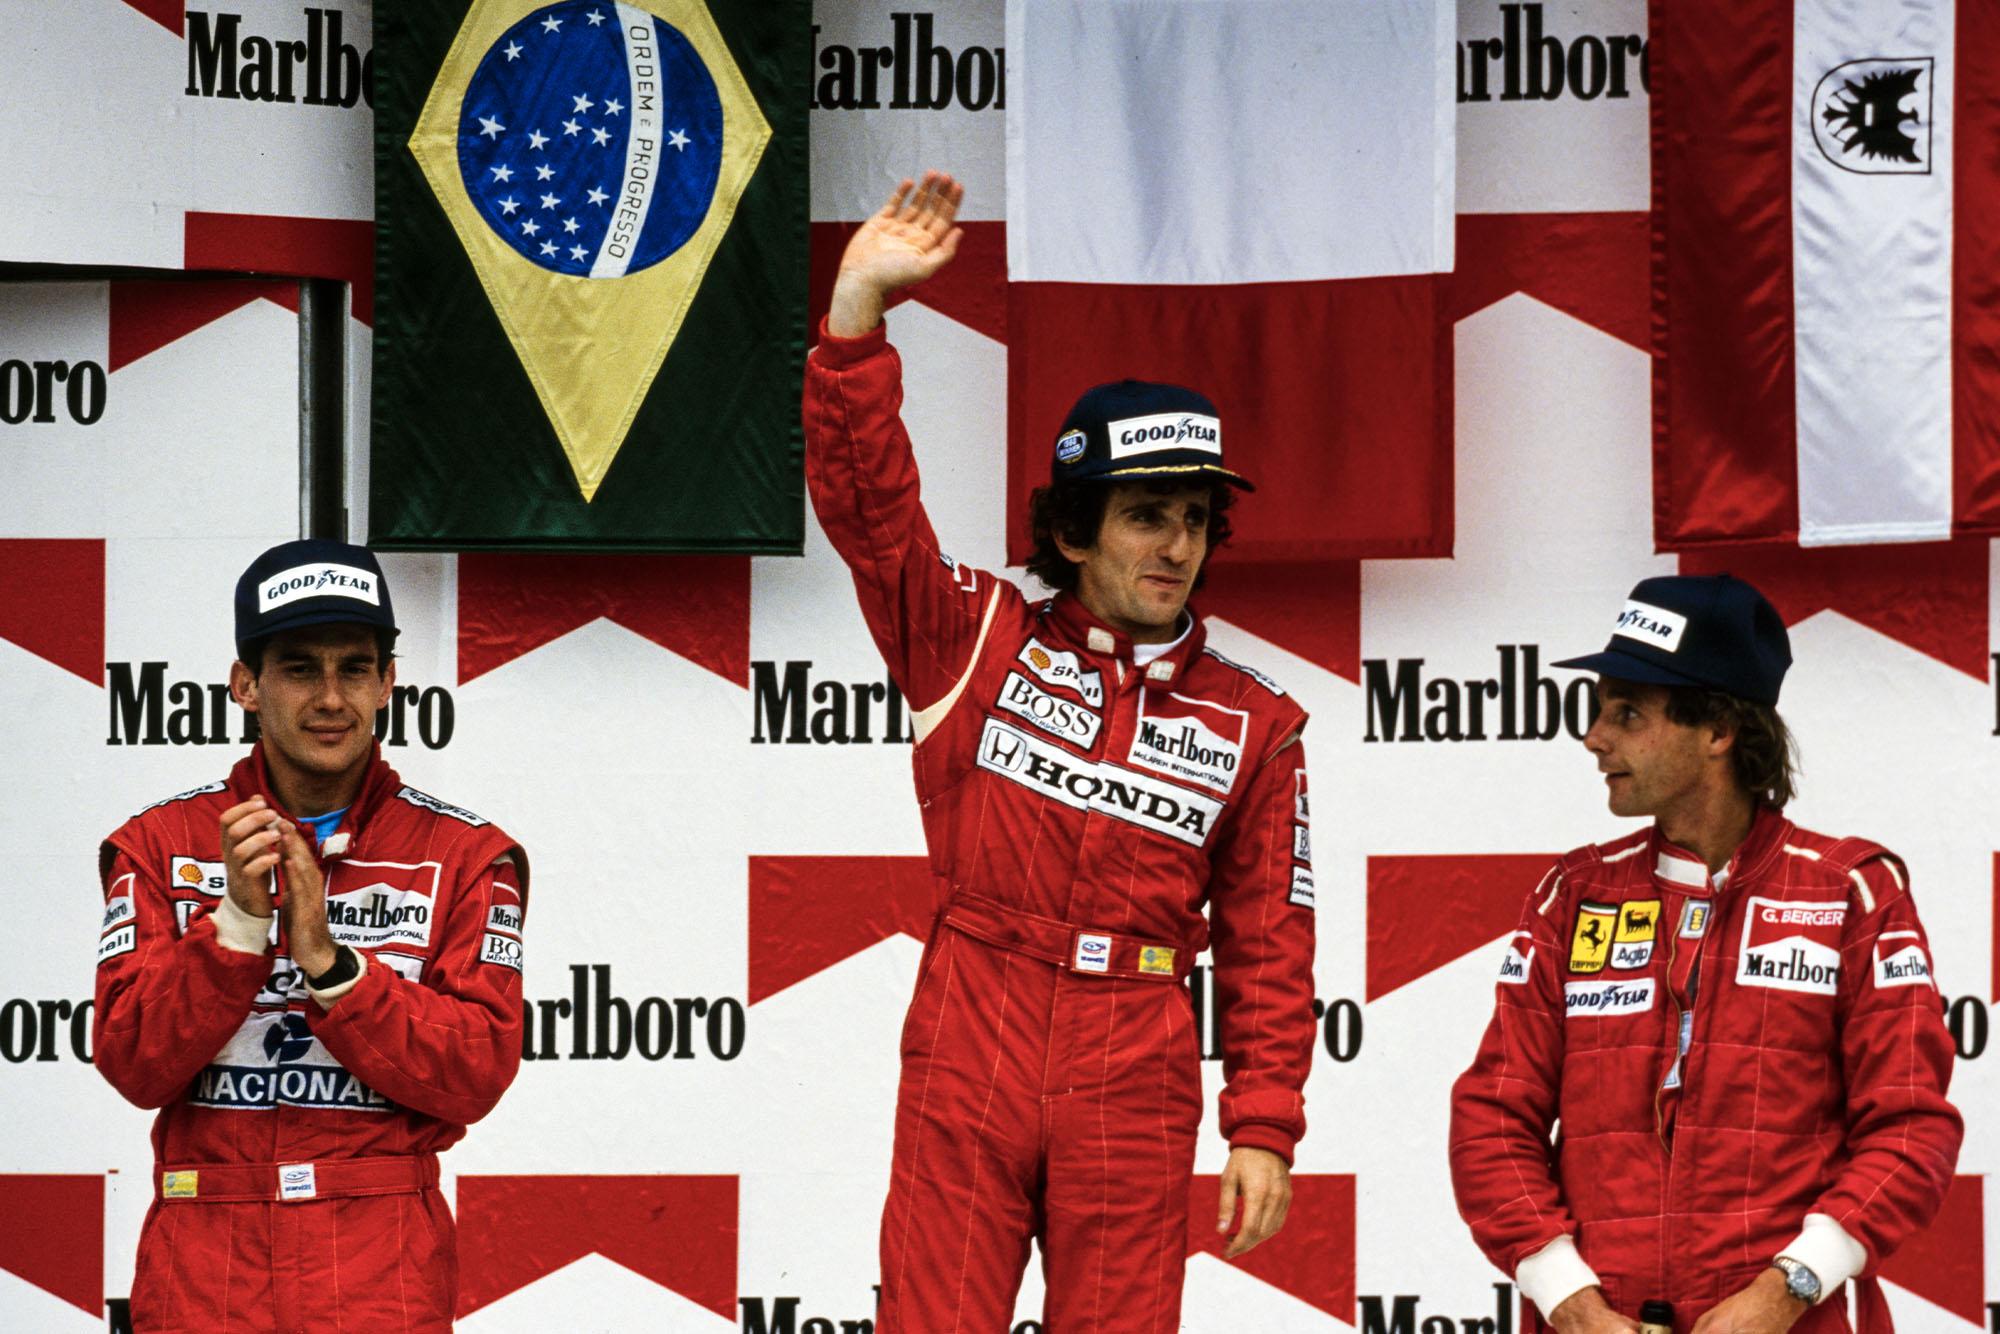 1989 MEX GP podium